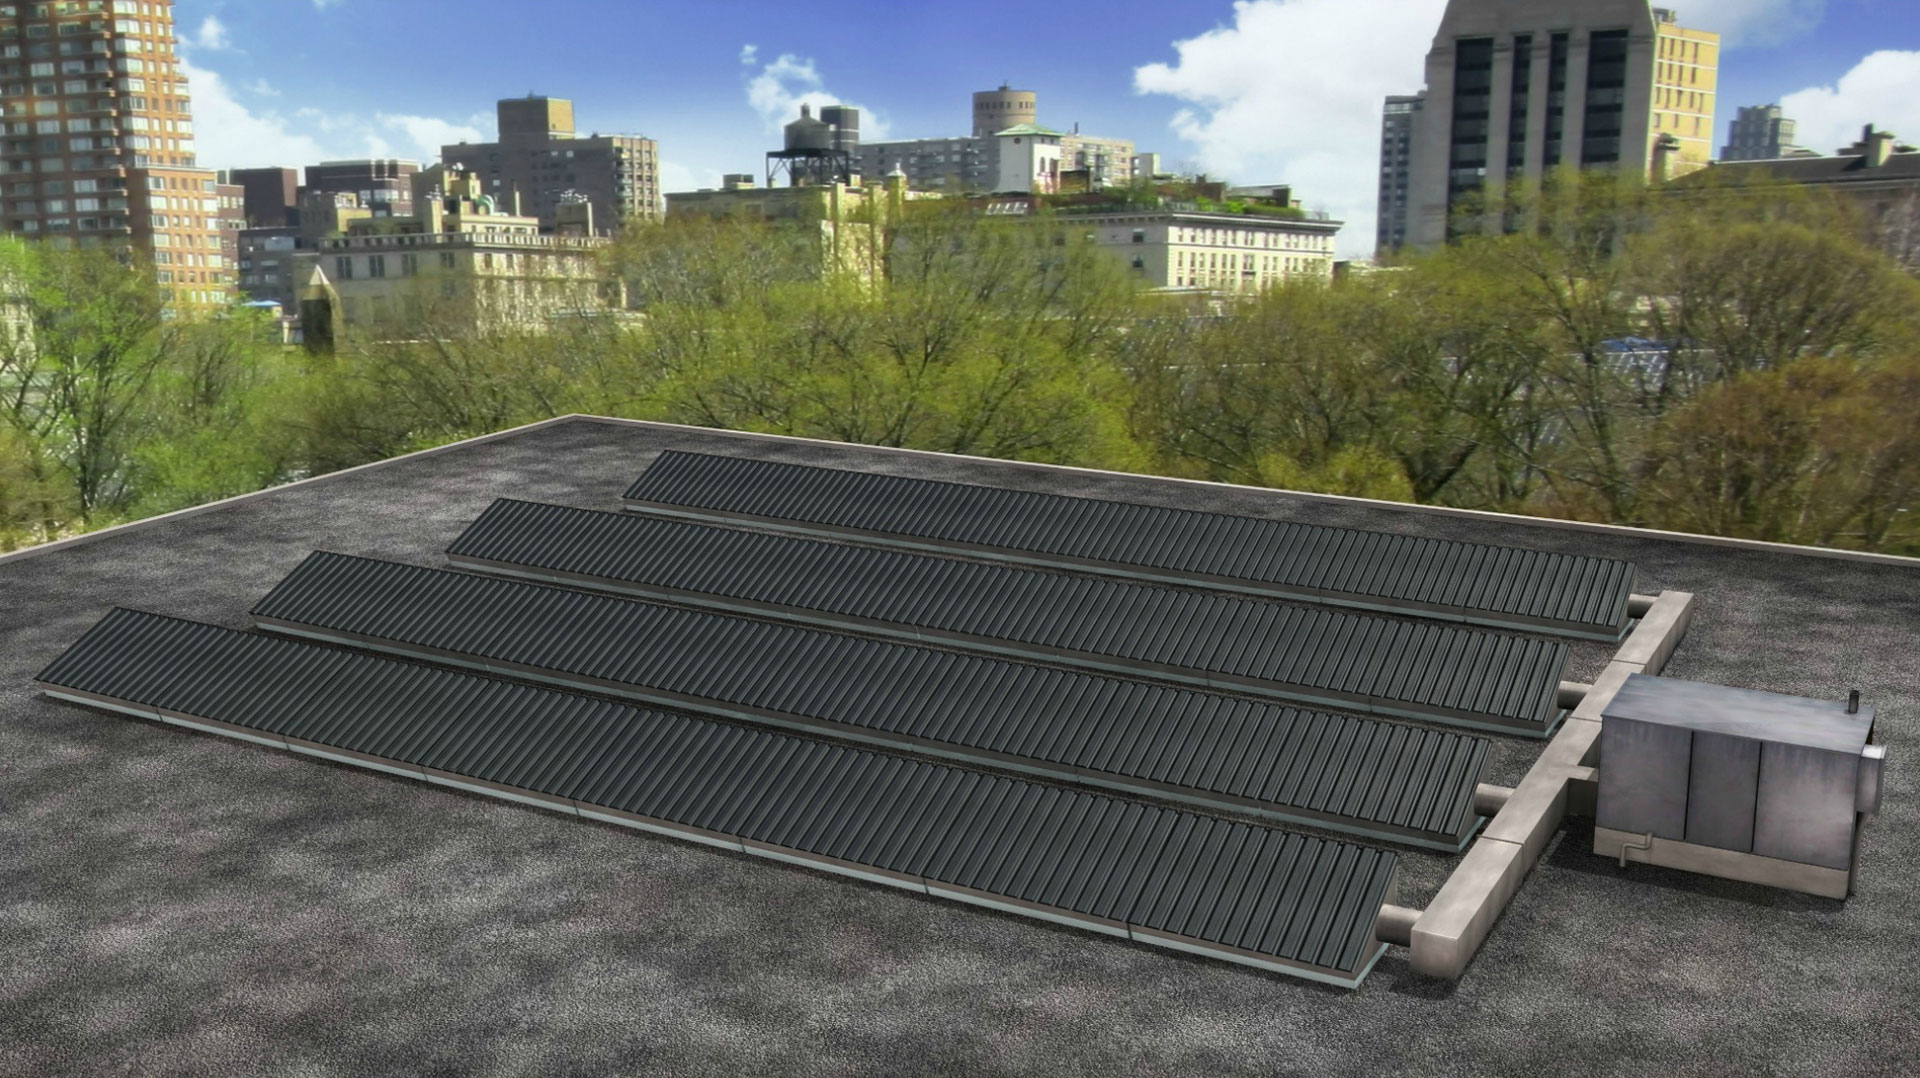 Solarduct Large Image